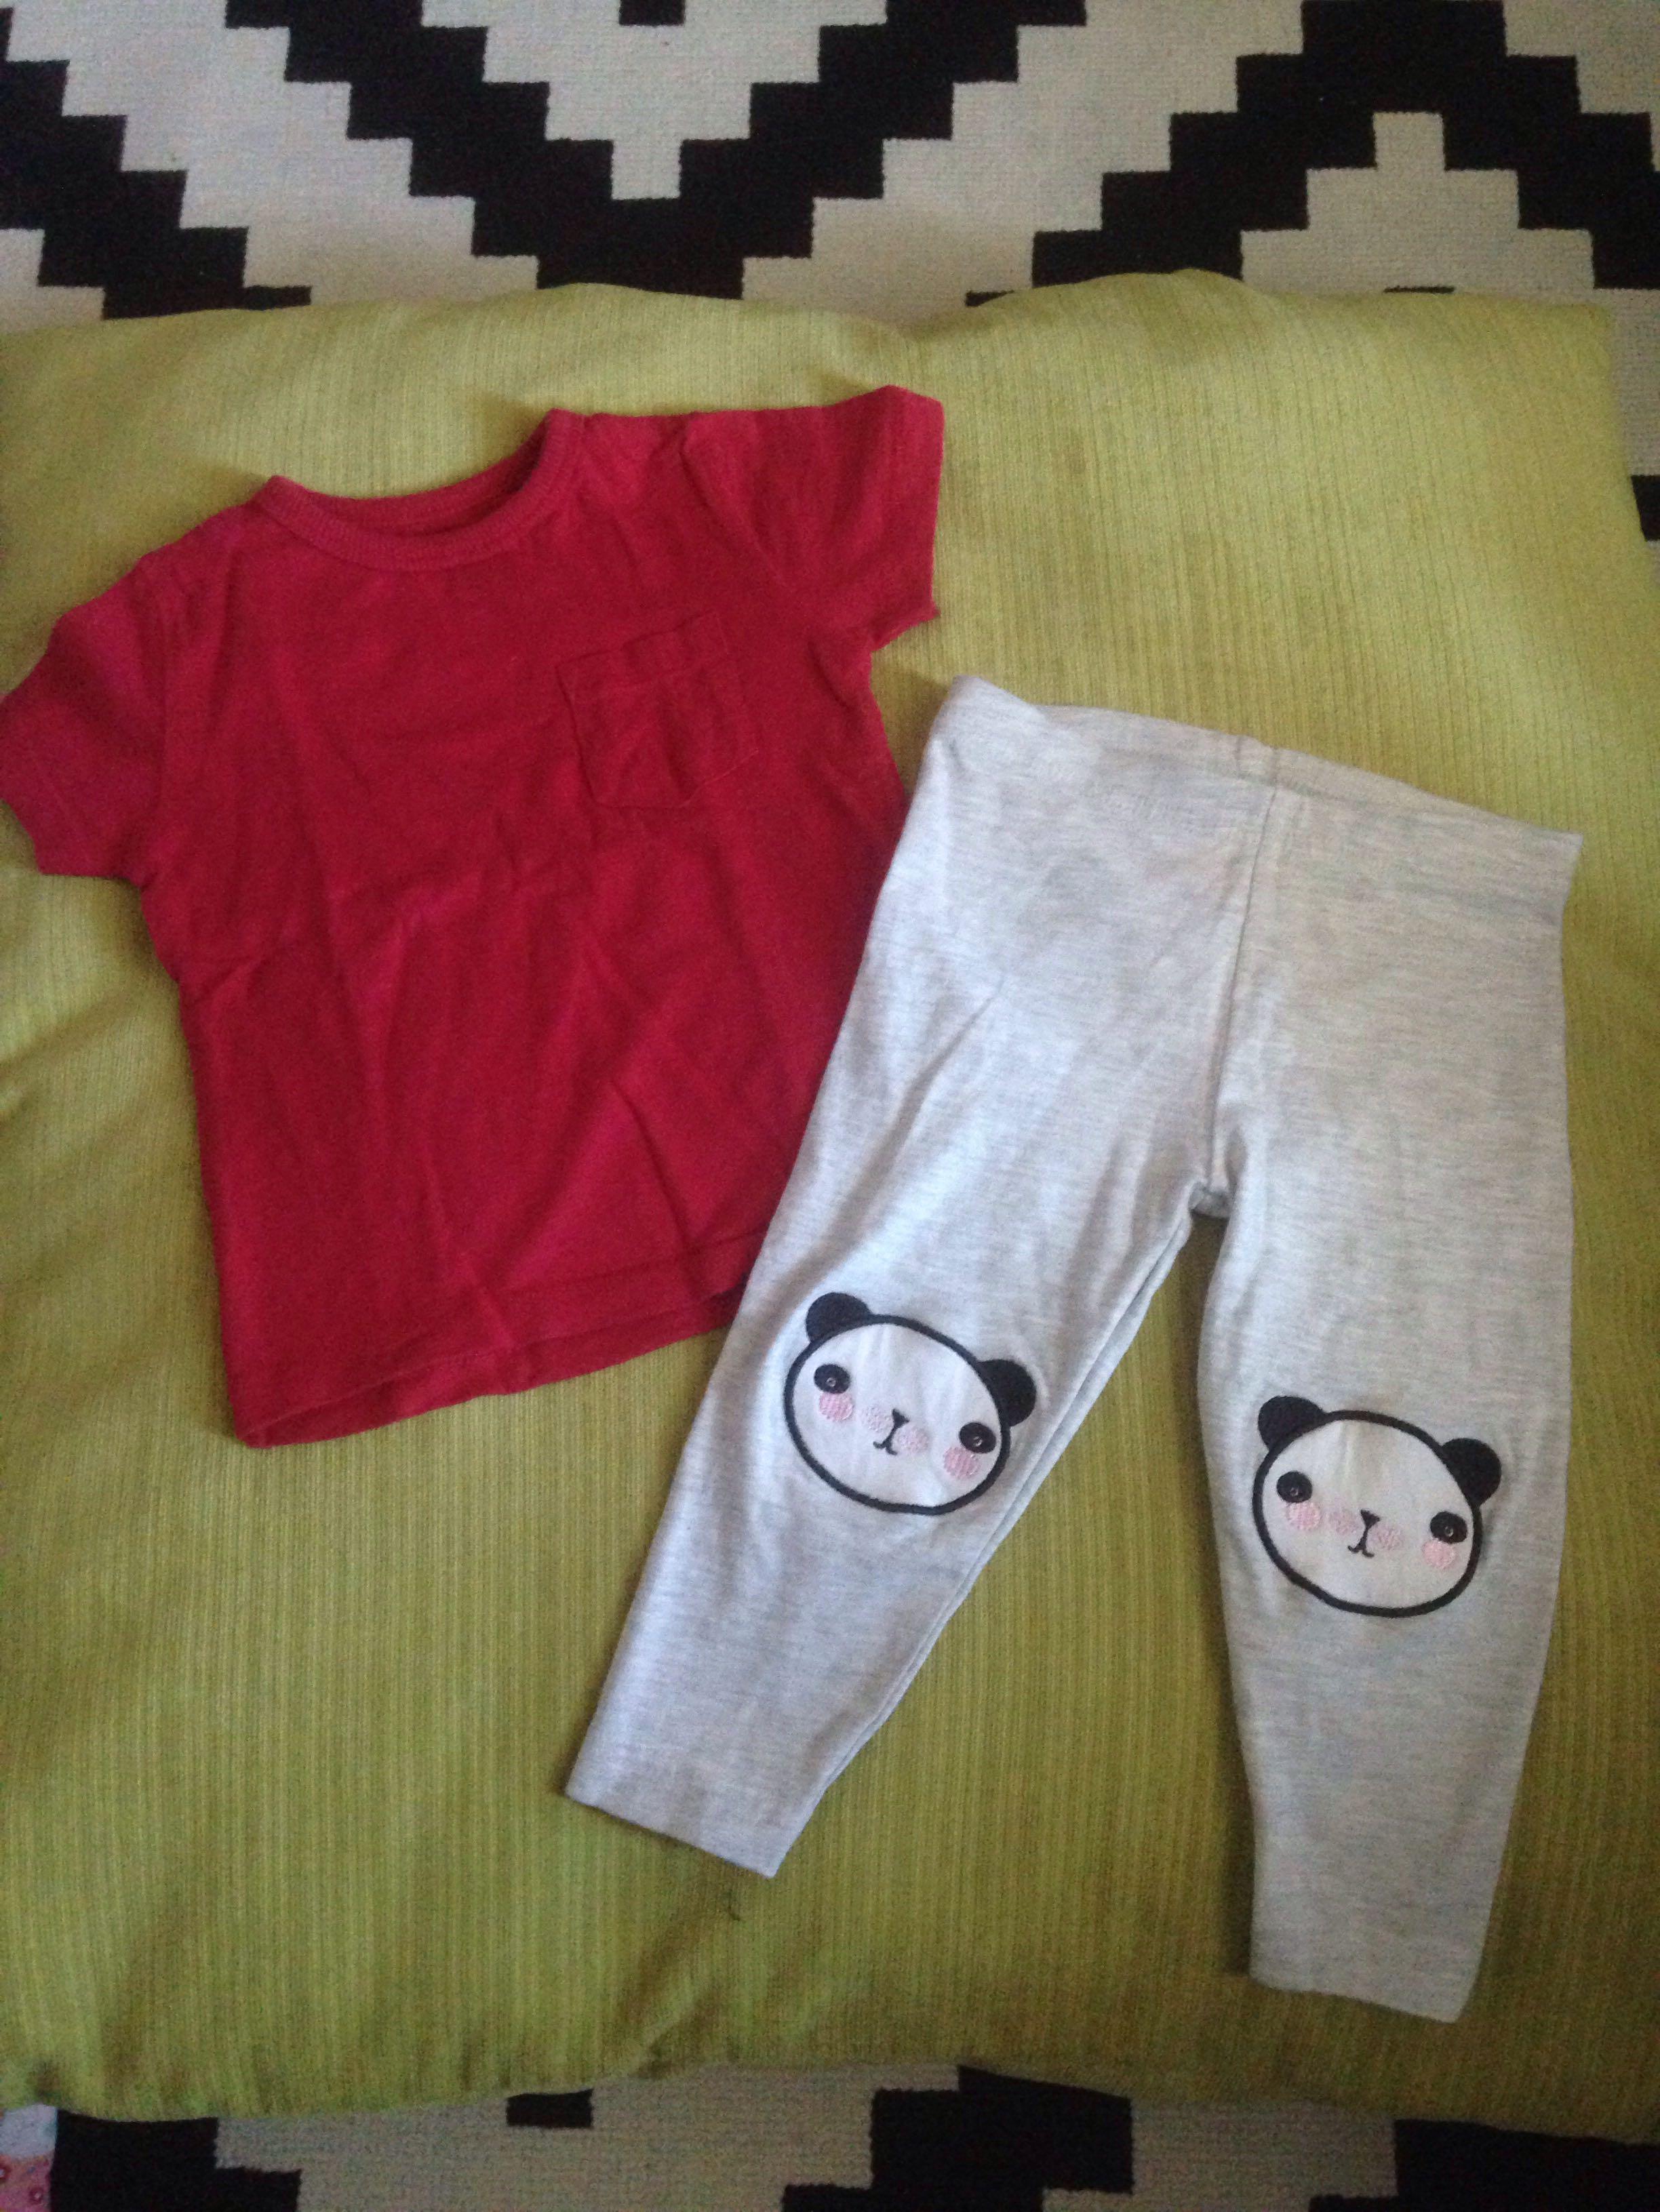 Baby Top & Panda Leggings